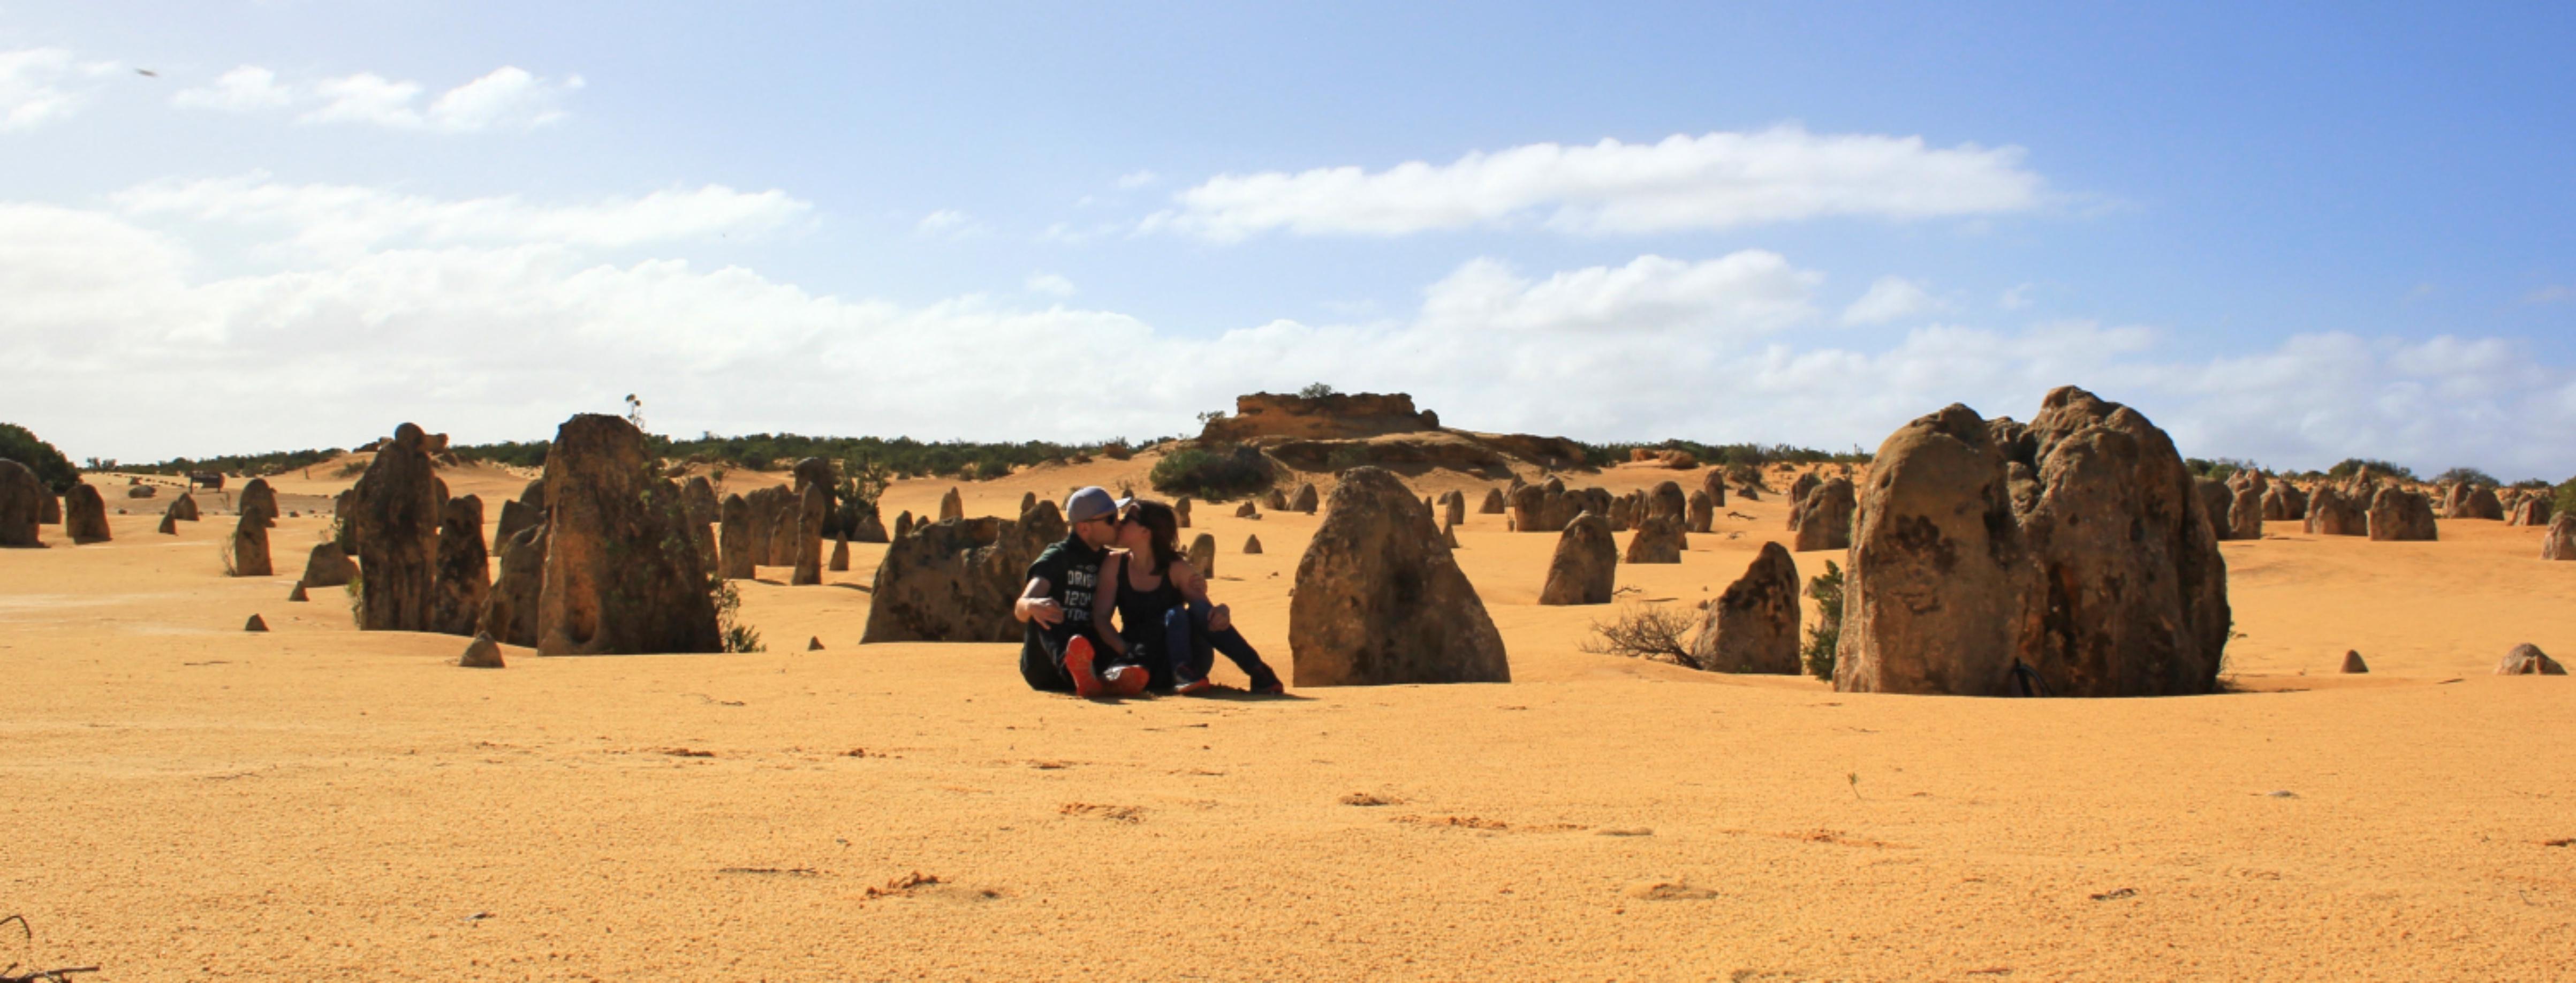 Voyages-et-compagnie.com - Blog voyage | Côte Ouest Australie - Pinnacles Desert Natural Park